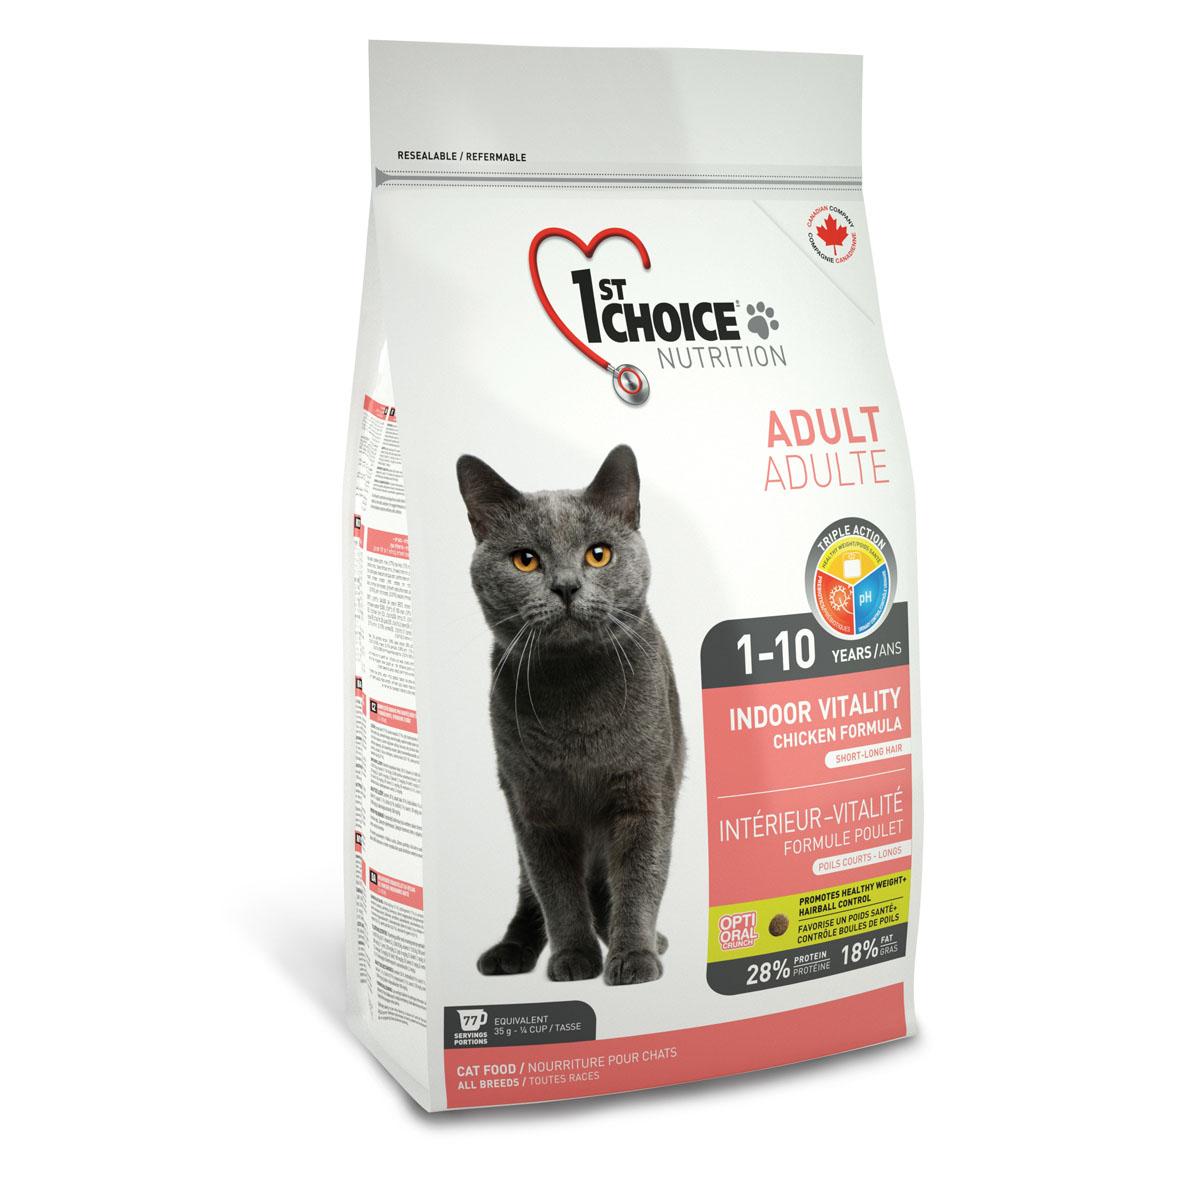 Корм сухой 1st Choice Adult для живущих в помещении взрослых кошек, с курицей, 5,44 кг56666Сухой корм 1st Choice Adult - идеальная формула для домашних кошек со специальными тщательно отобранными ингредиентами. Помогает сохранить идеальную кондицию и оптимальный вес. Идеальный рН-баланс для здоровья мочевыделительной системы. Содержит экстракт юкки Шидигера, которая связывает аммиак и уменьшает запах экскрементов. Состав: свежая курица 17%, мука из мяса курицы 17%, рис, гороховый протеин, куриный жир, сохраненный смесью натуральных токоферолов (витамин Е), мякоть свеклы, коричневый рис, специально обработанные ядра ячменя и овса, сушеное яйцо, гидролизат куриной печени, цельное семя льна, жир лосося, сушеная мякоть томата, клетчатка гороха, калия хлорид, лецитин, кальция карбонат, холина хлорид, соль, кальция пропионат, натрия бисульфат, таурин, DL- метионин, L-лизин, экстракт дрожжей (источник маннан-олигосахаридов), железа сульфат, аскорбиновая кислота (витамин С), экстракт цикория (источник инулина), цинка оксид, натрия селенит, альфа-токоферол ацетат (витамин...